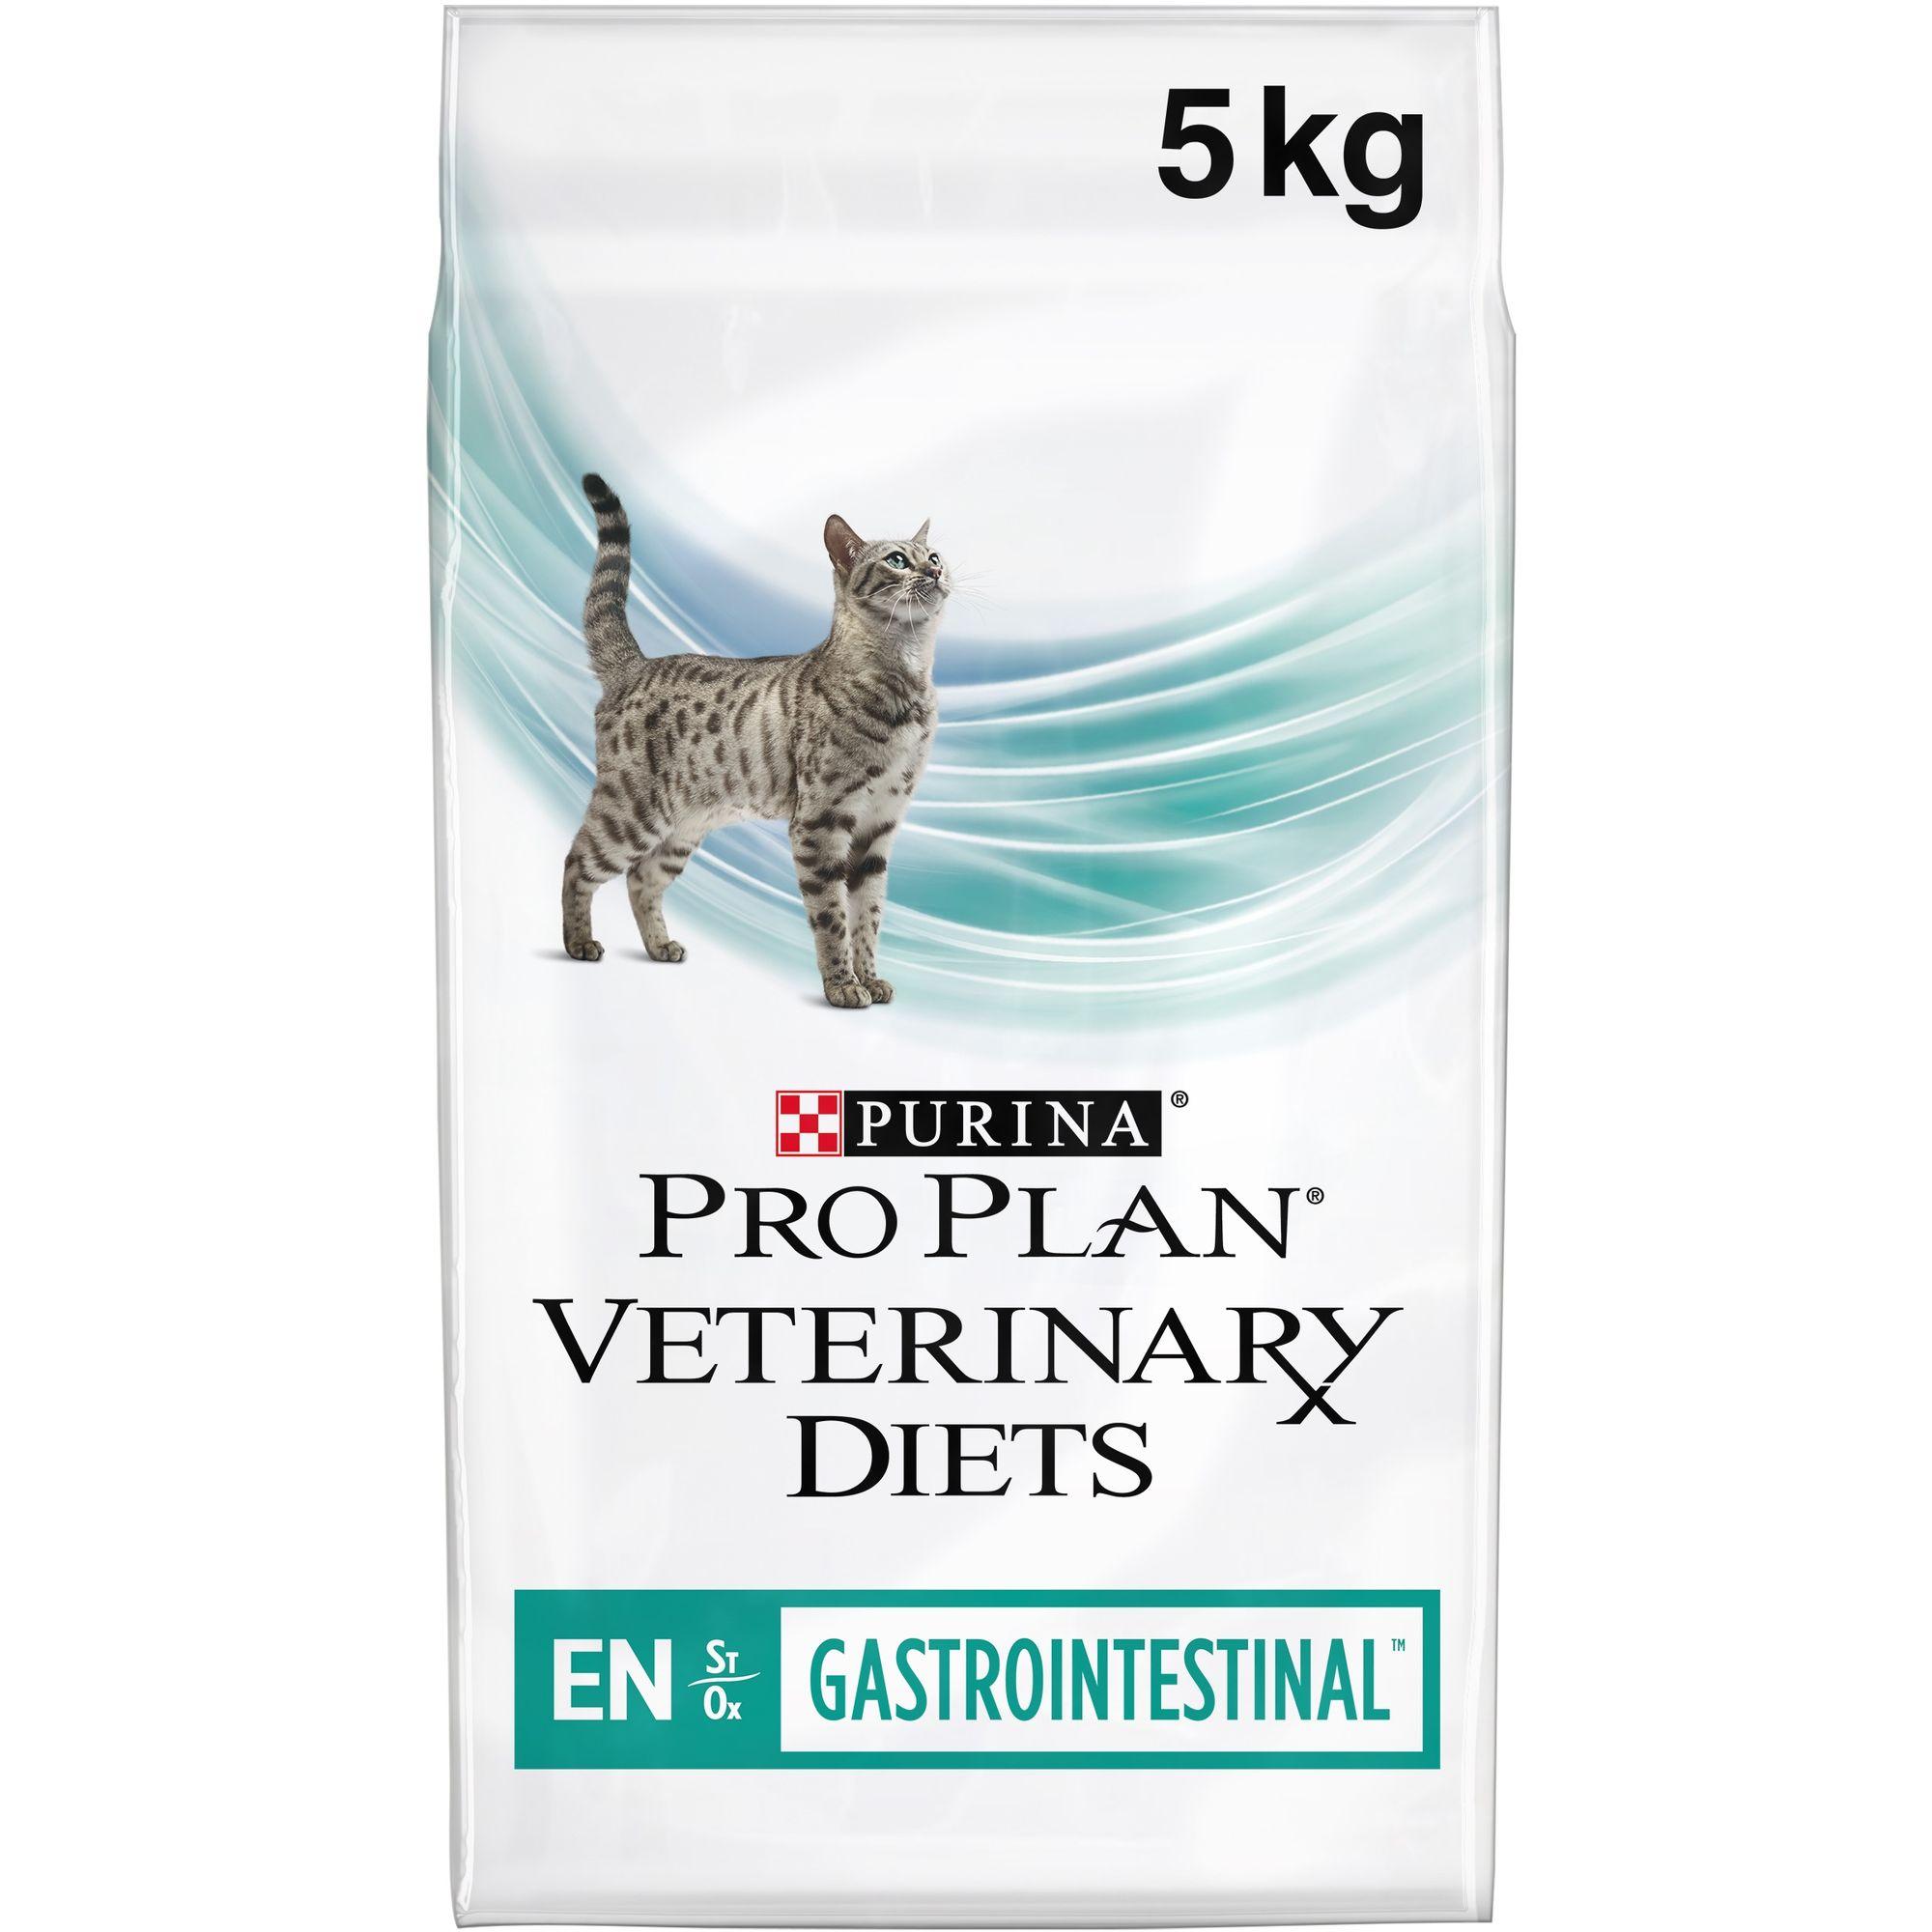 Purina Pro Plan Veterinary Diets Feline EN Gastrointestinal Kattenvoer